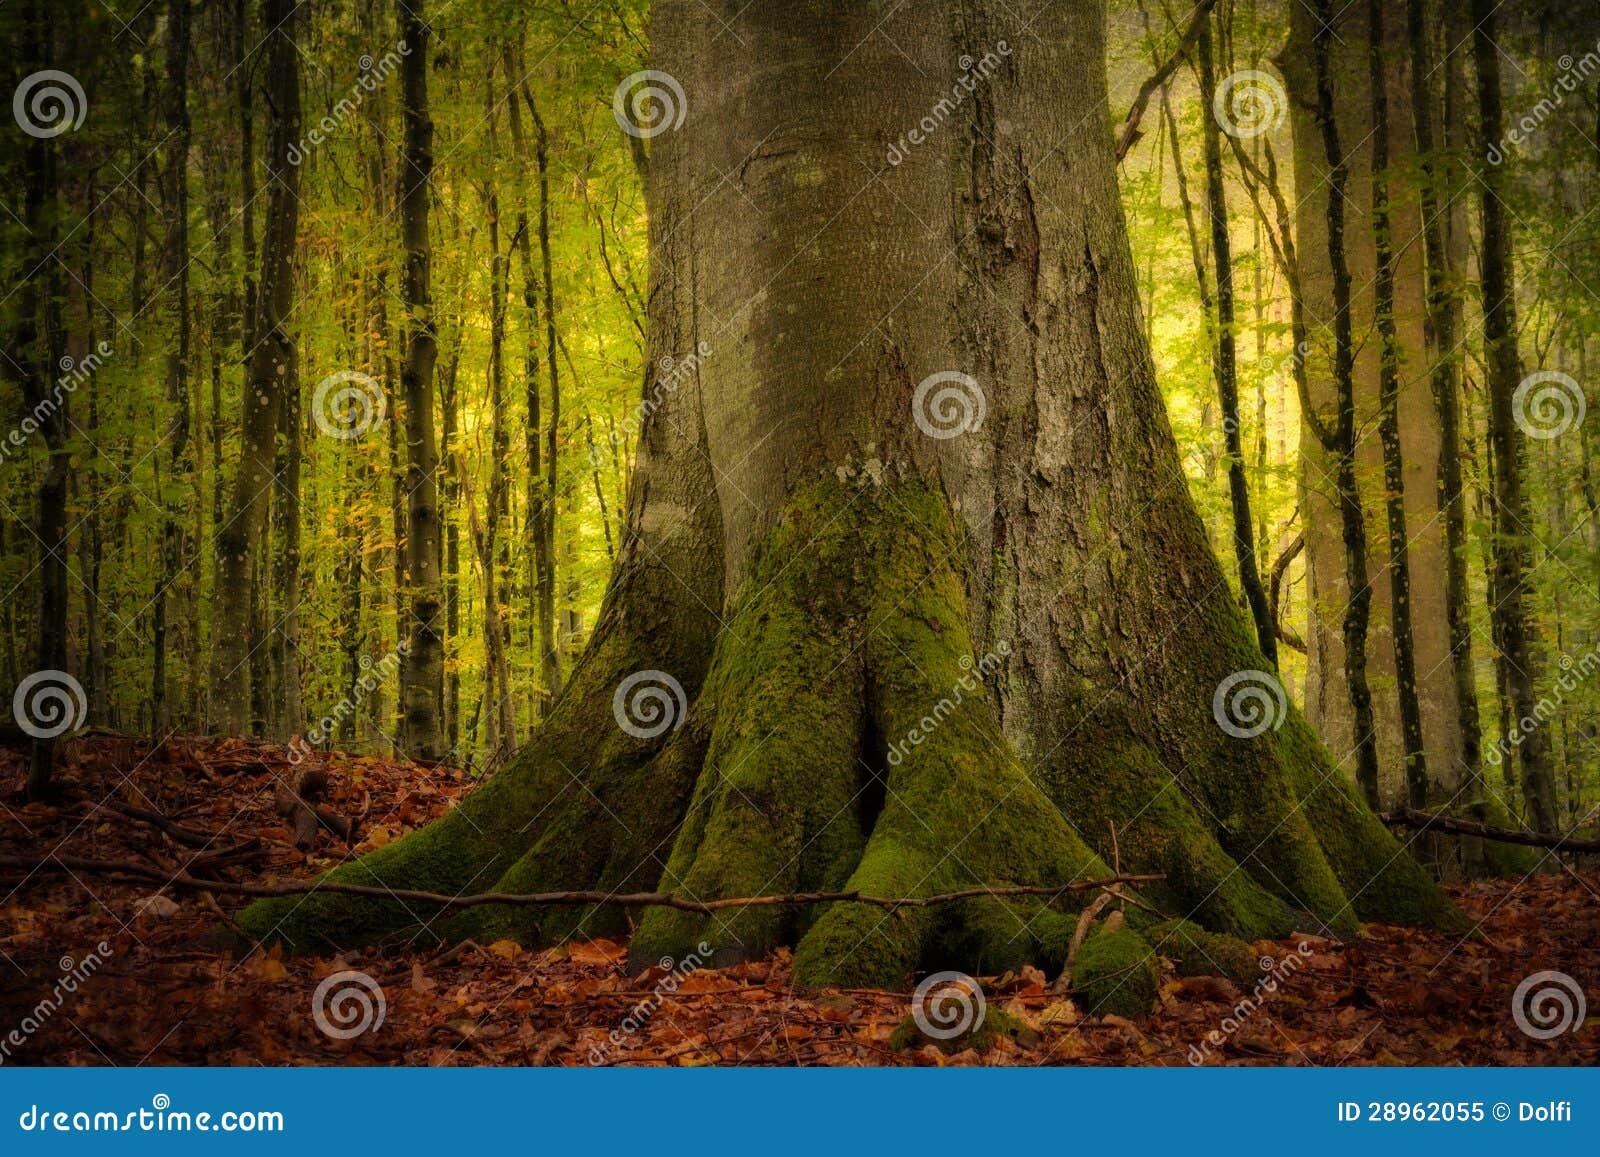 Stary bukowy drzewo